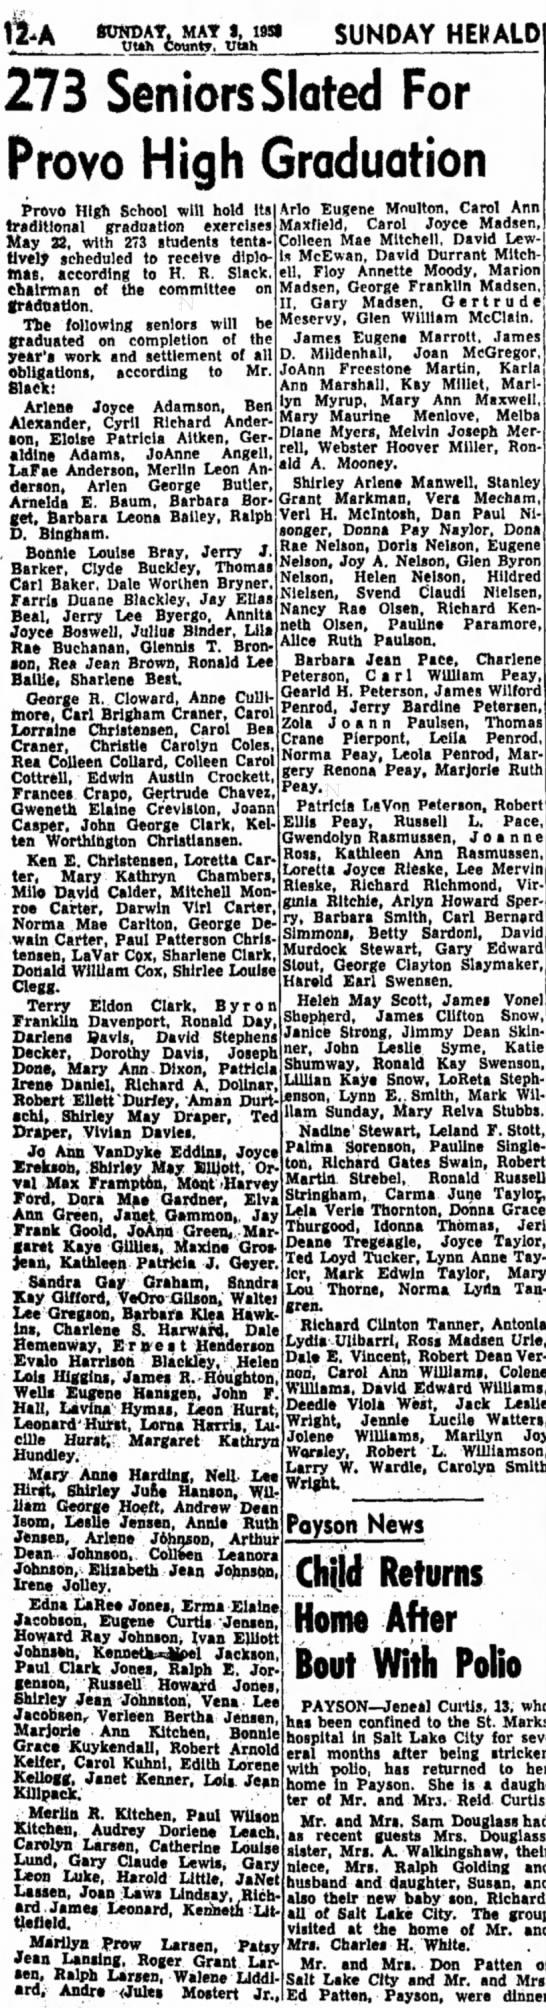 David McEwan, Pat bro. graduates PHS 05-03-1953 - SUNDAY, MAT I, I9Sf W«h County. Utth SUNDAY...